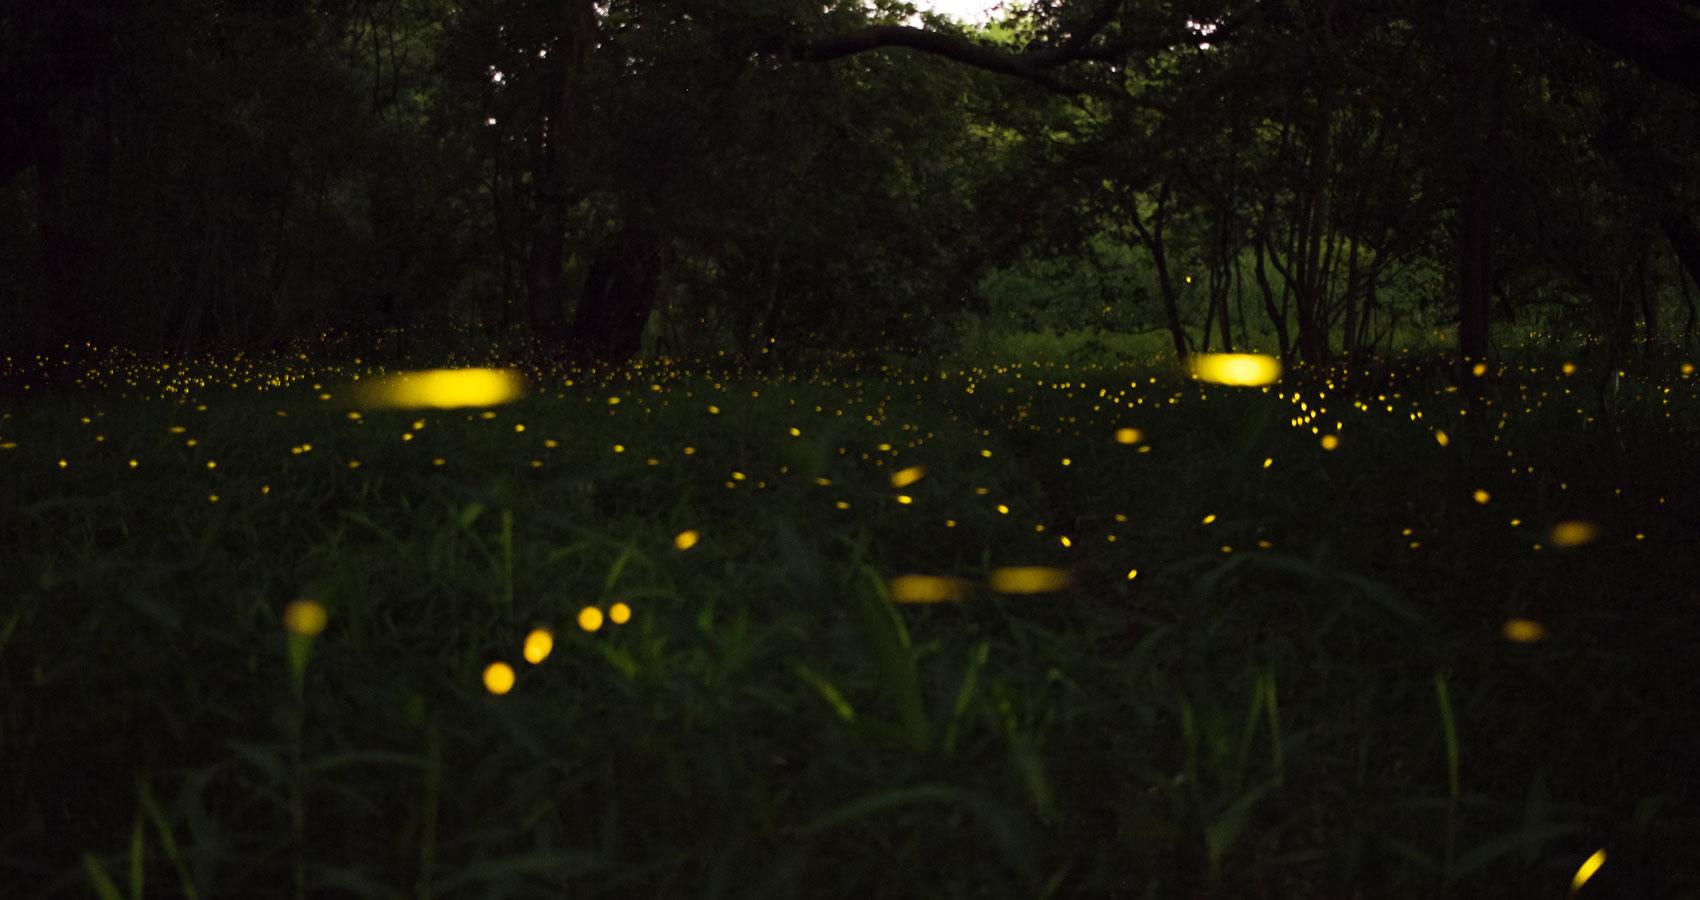 Fireflies, a haiku written by Sunita Sahoo at Spilwords.com